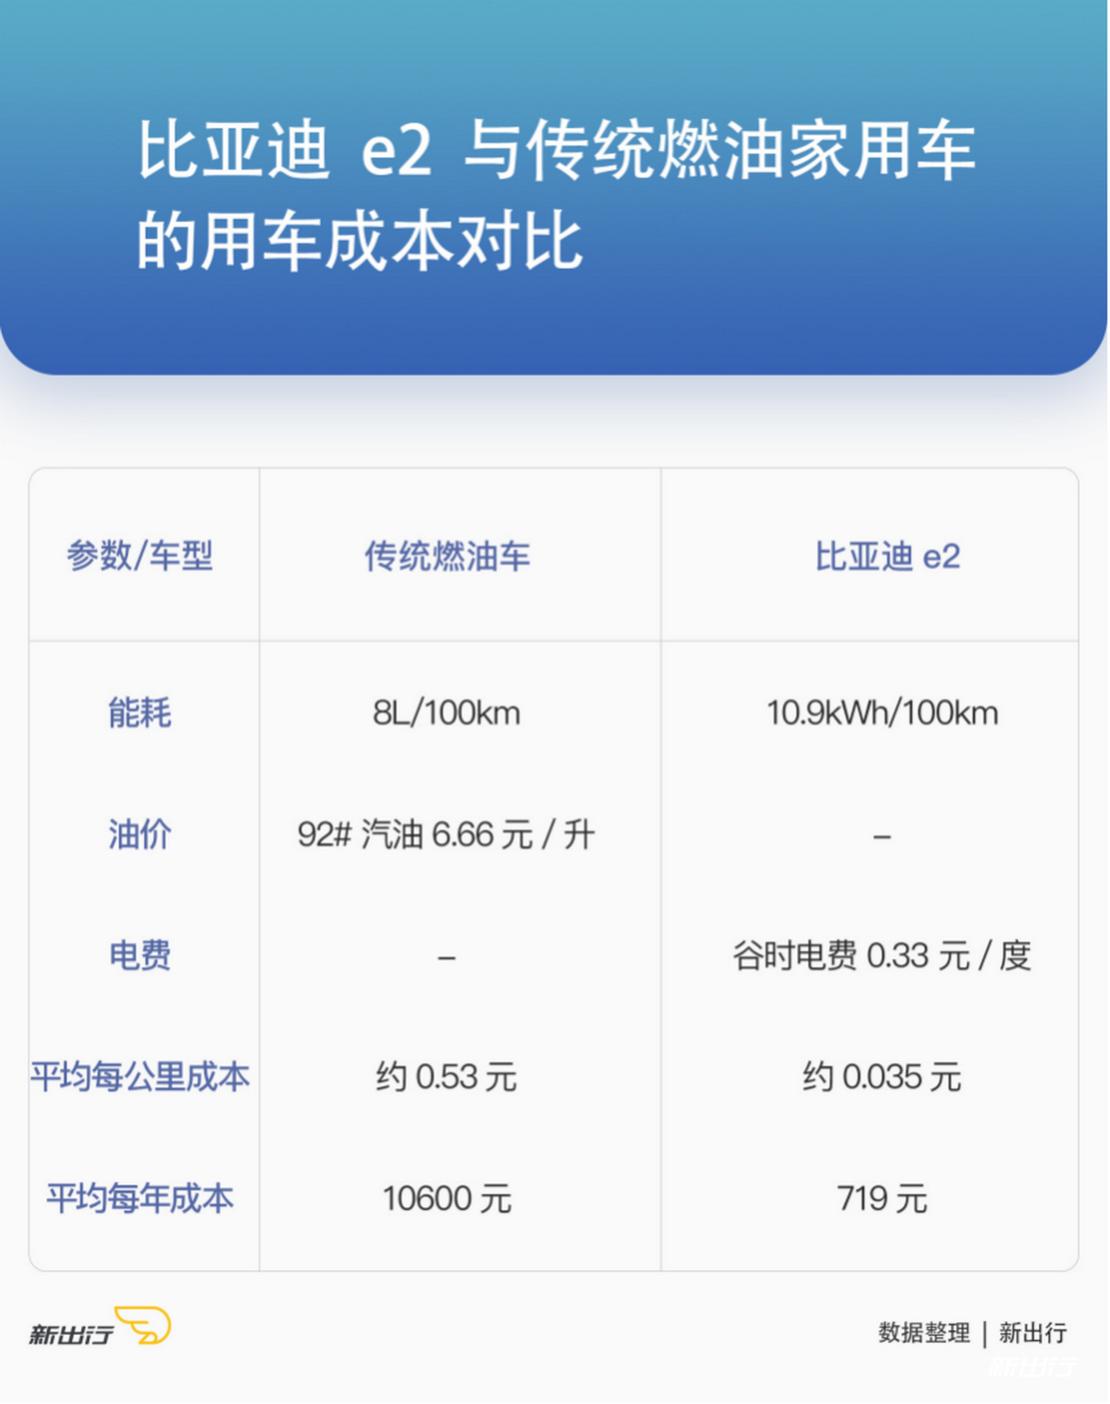 【e2 新出行】集智能与安全于一身,比亚迪 e2 成十万级纯电动标杆_0929v5 13251.png.png